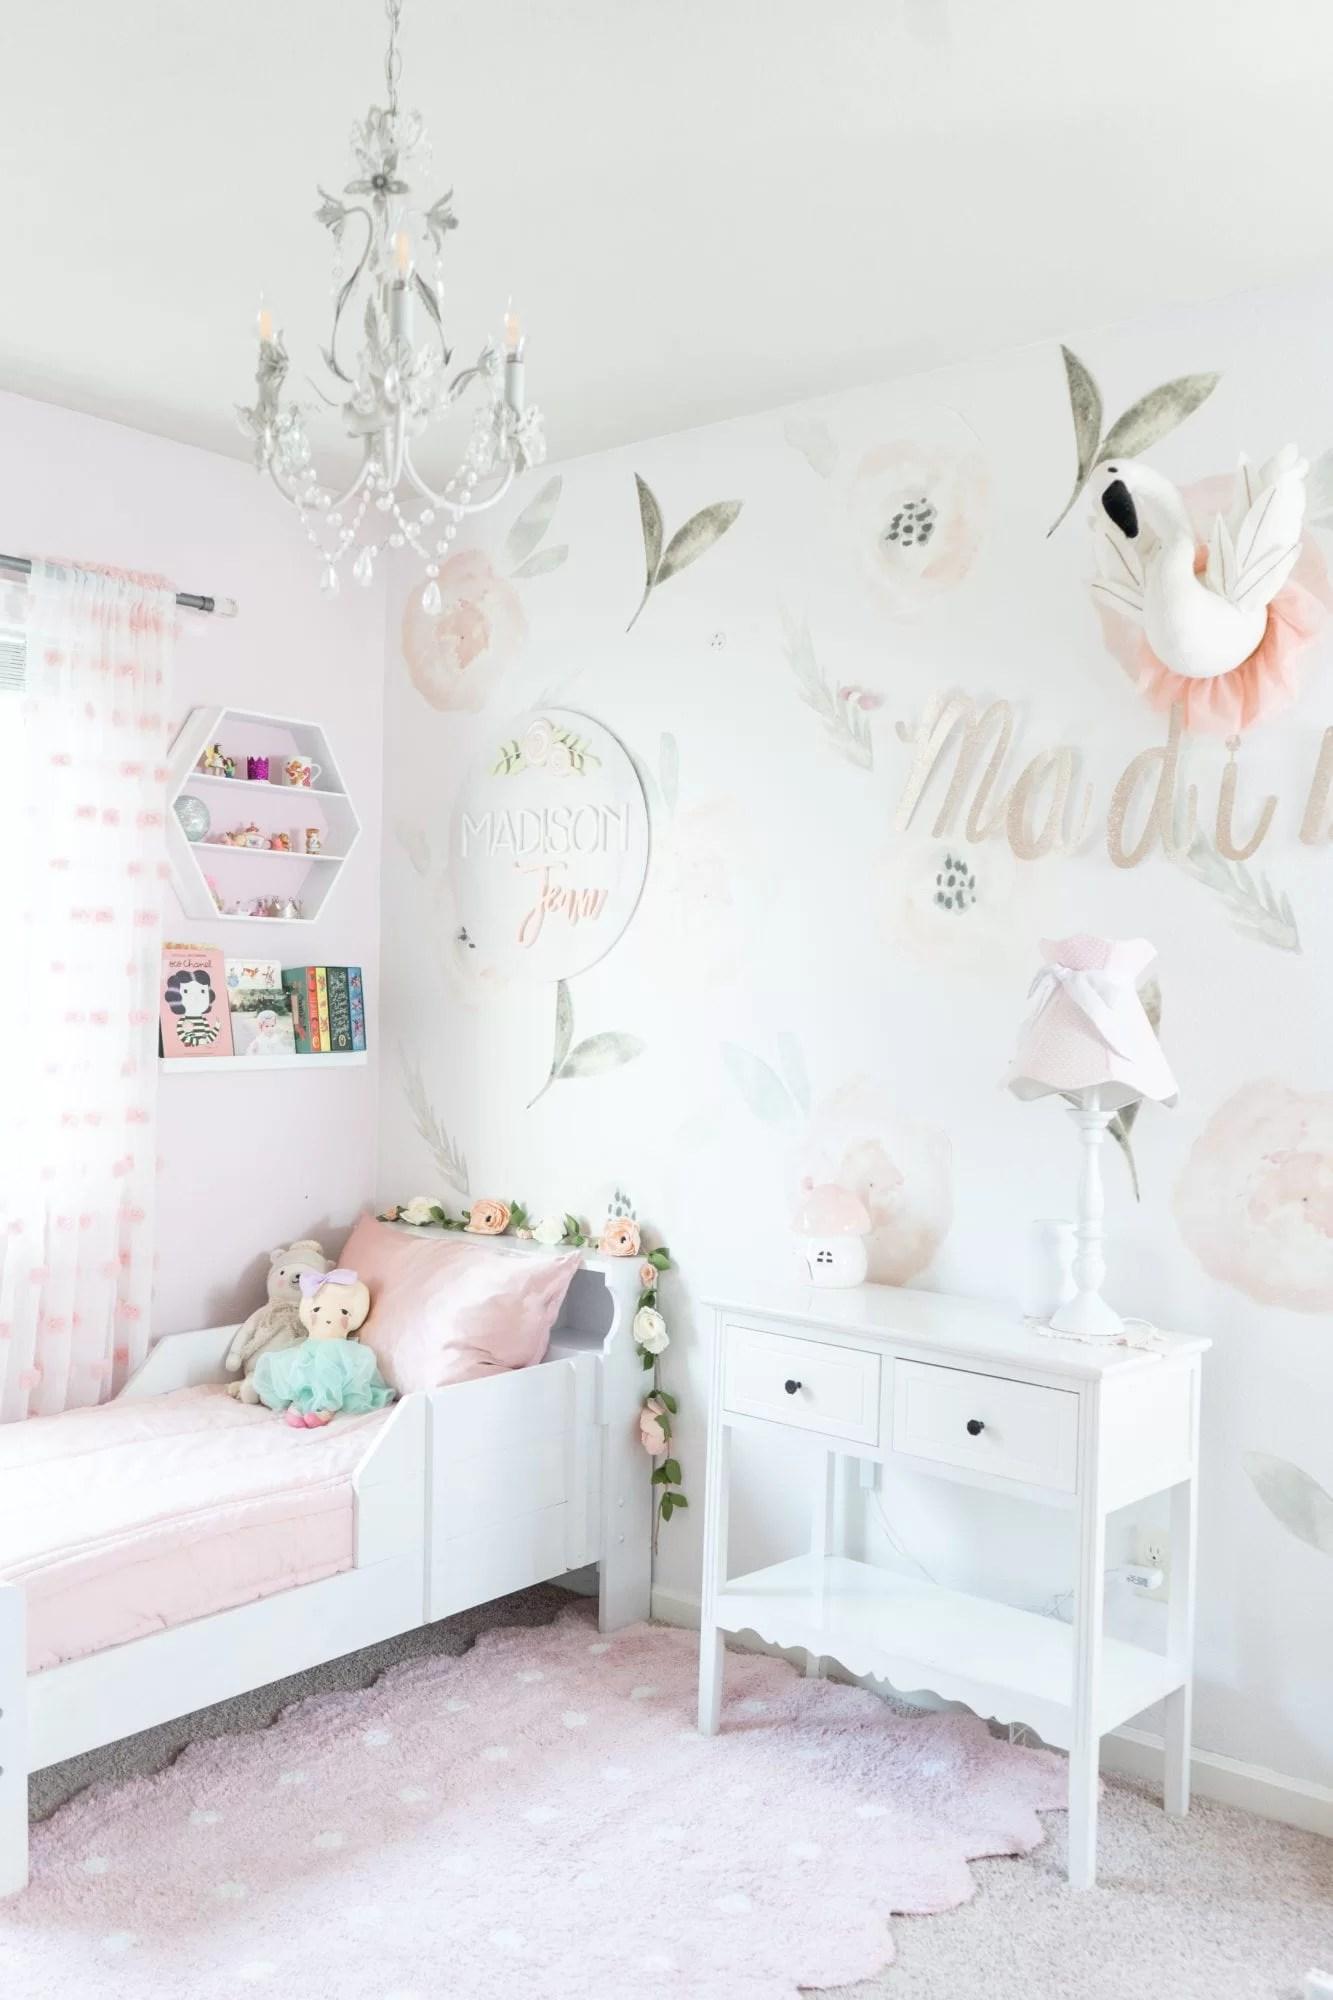 Toddler Girl Room Decor The House Of Hood Blog